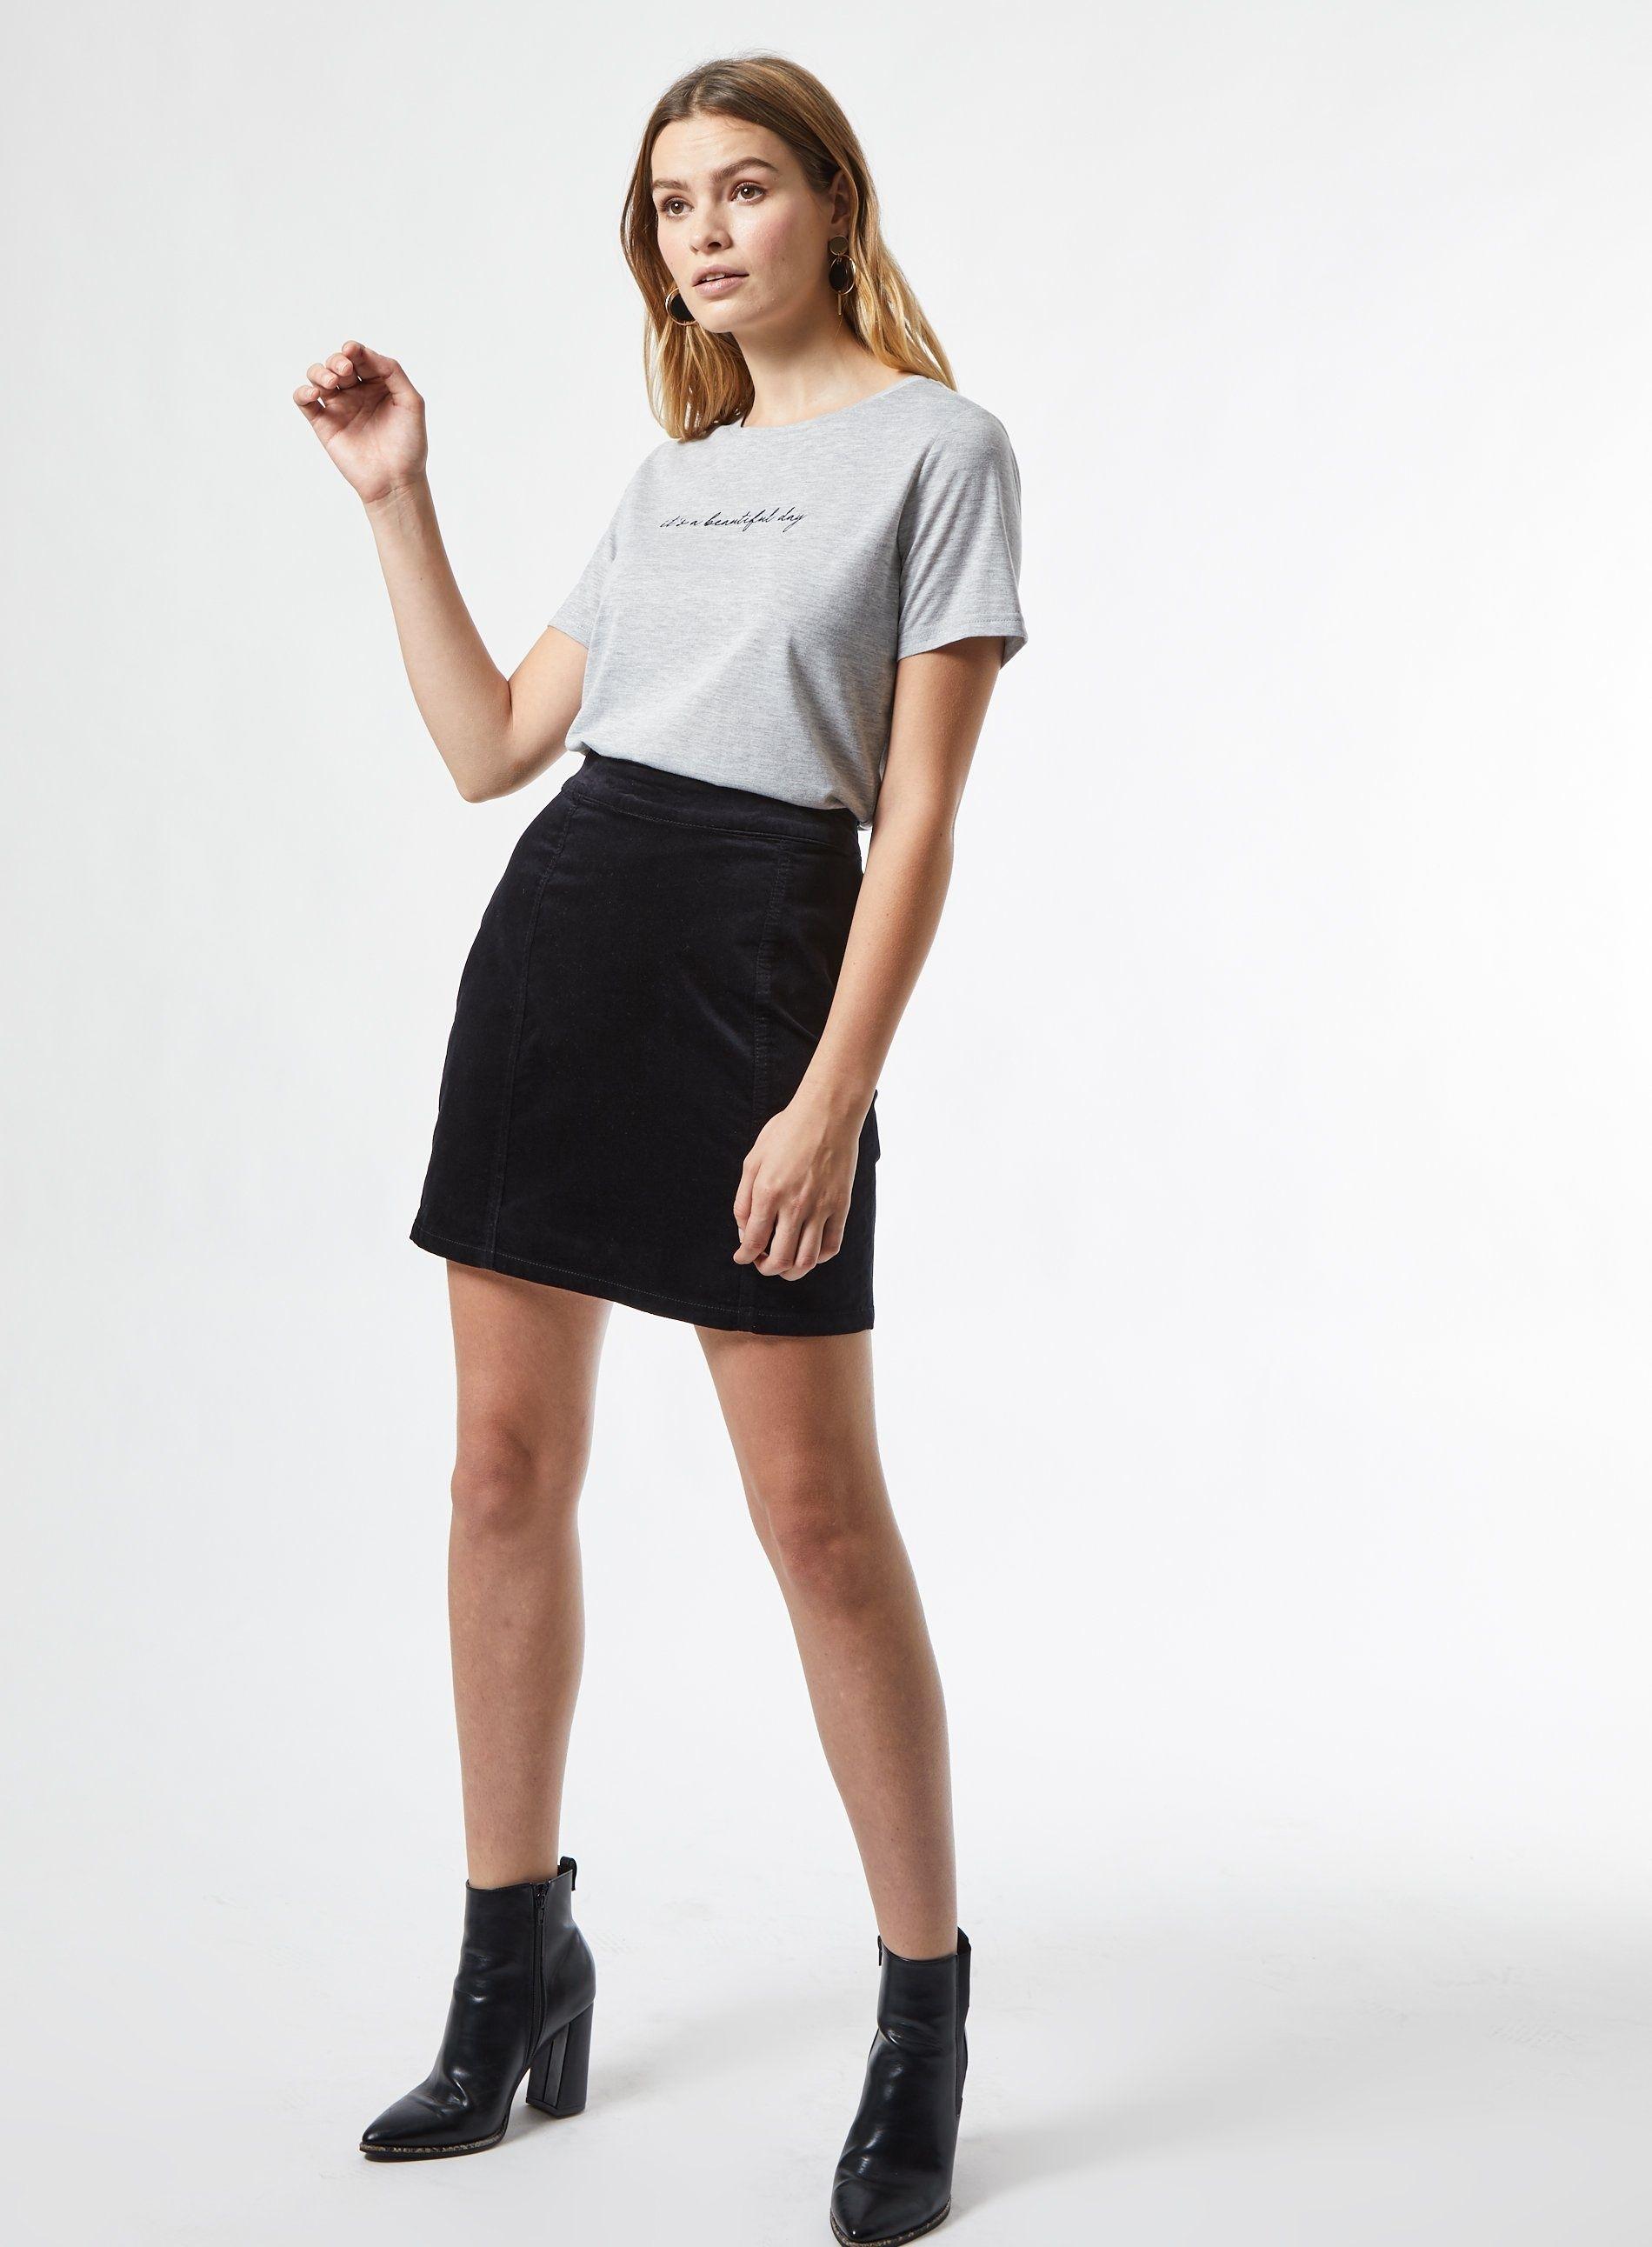 Dorothy Perkins Womens Black Velvet Skirt Plain Casual Mini Slim Fit Wear